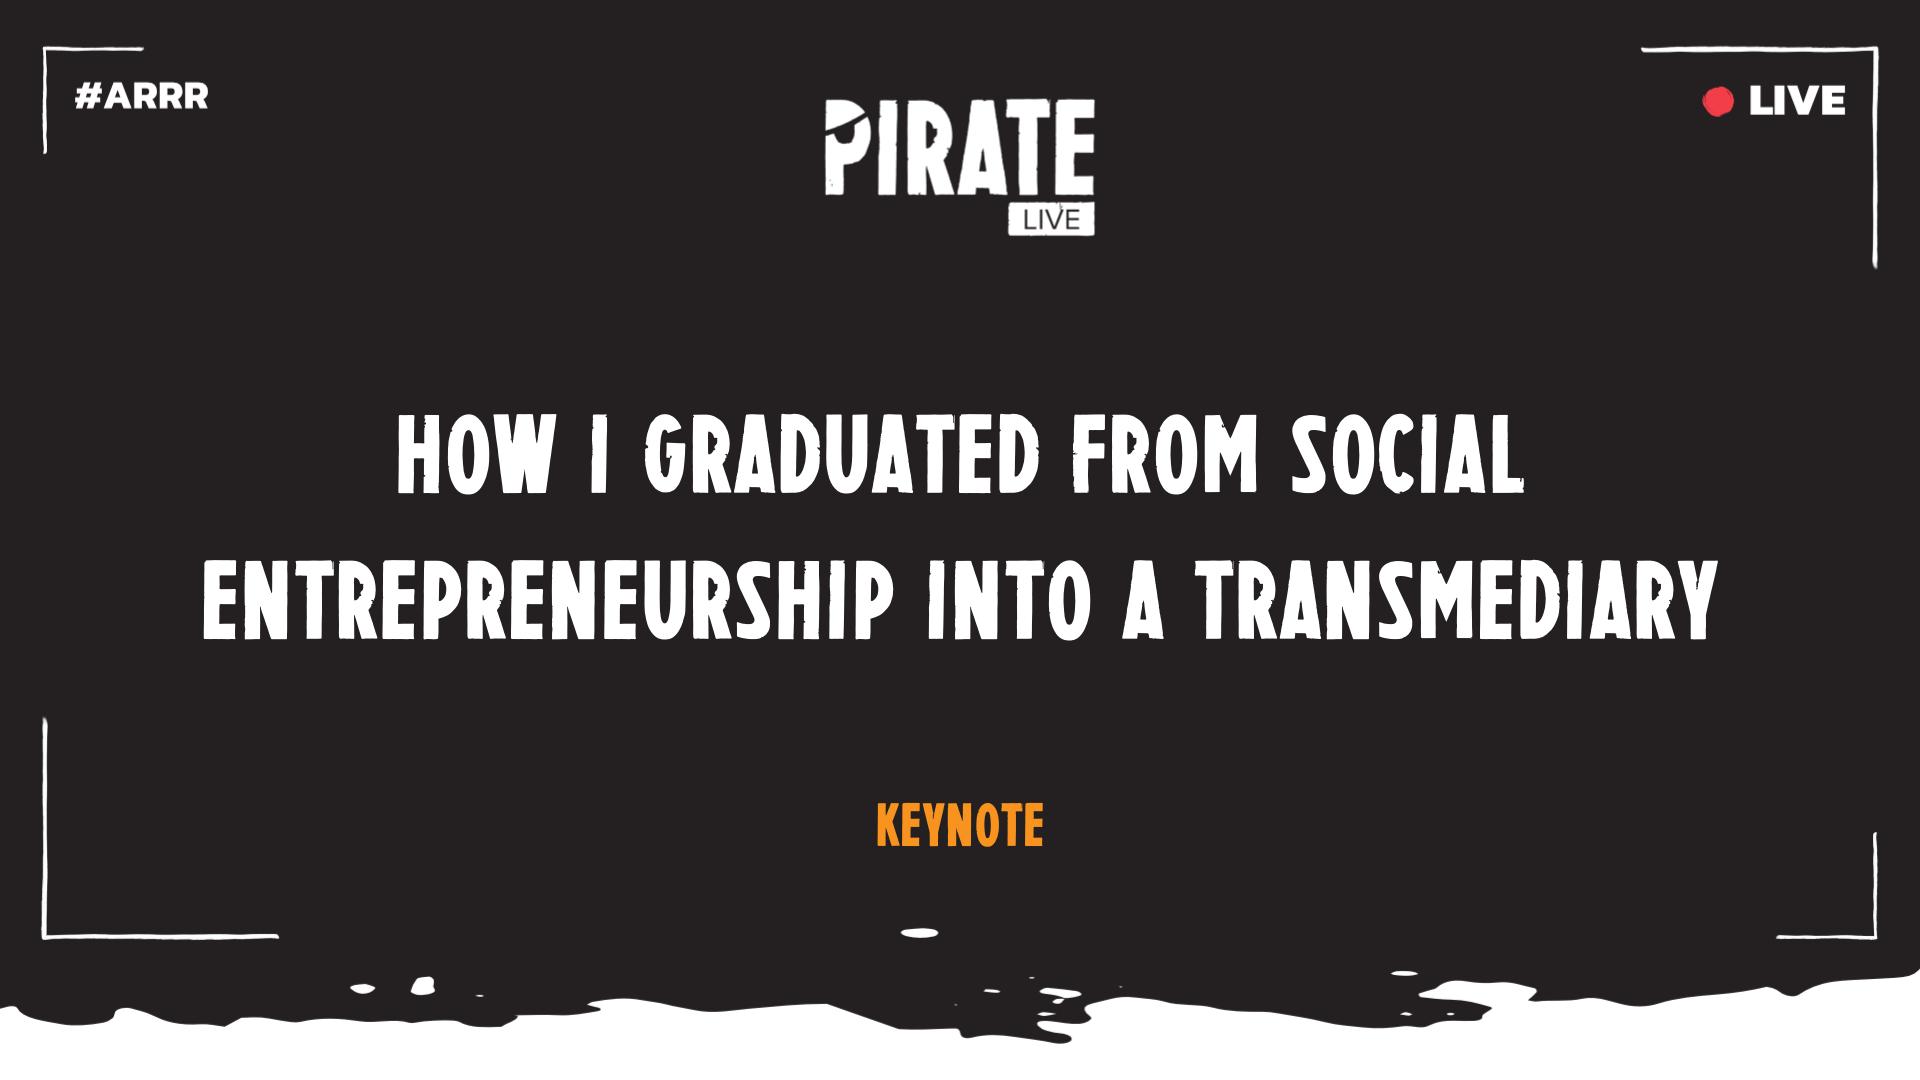 How I graduated from social entrepreneurship into a transmediary